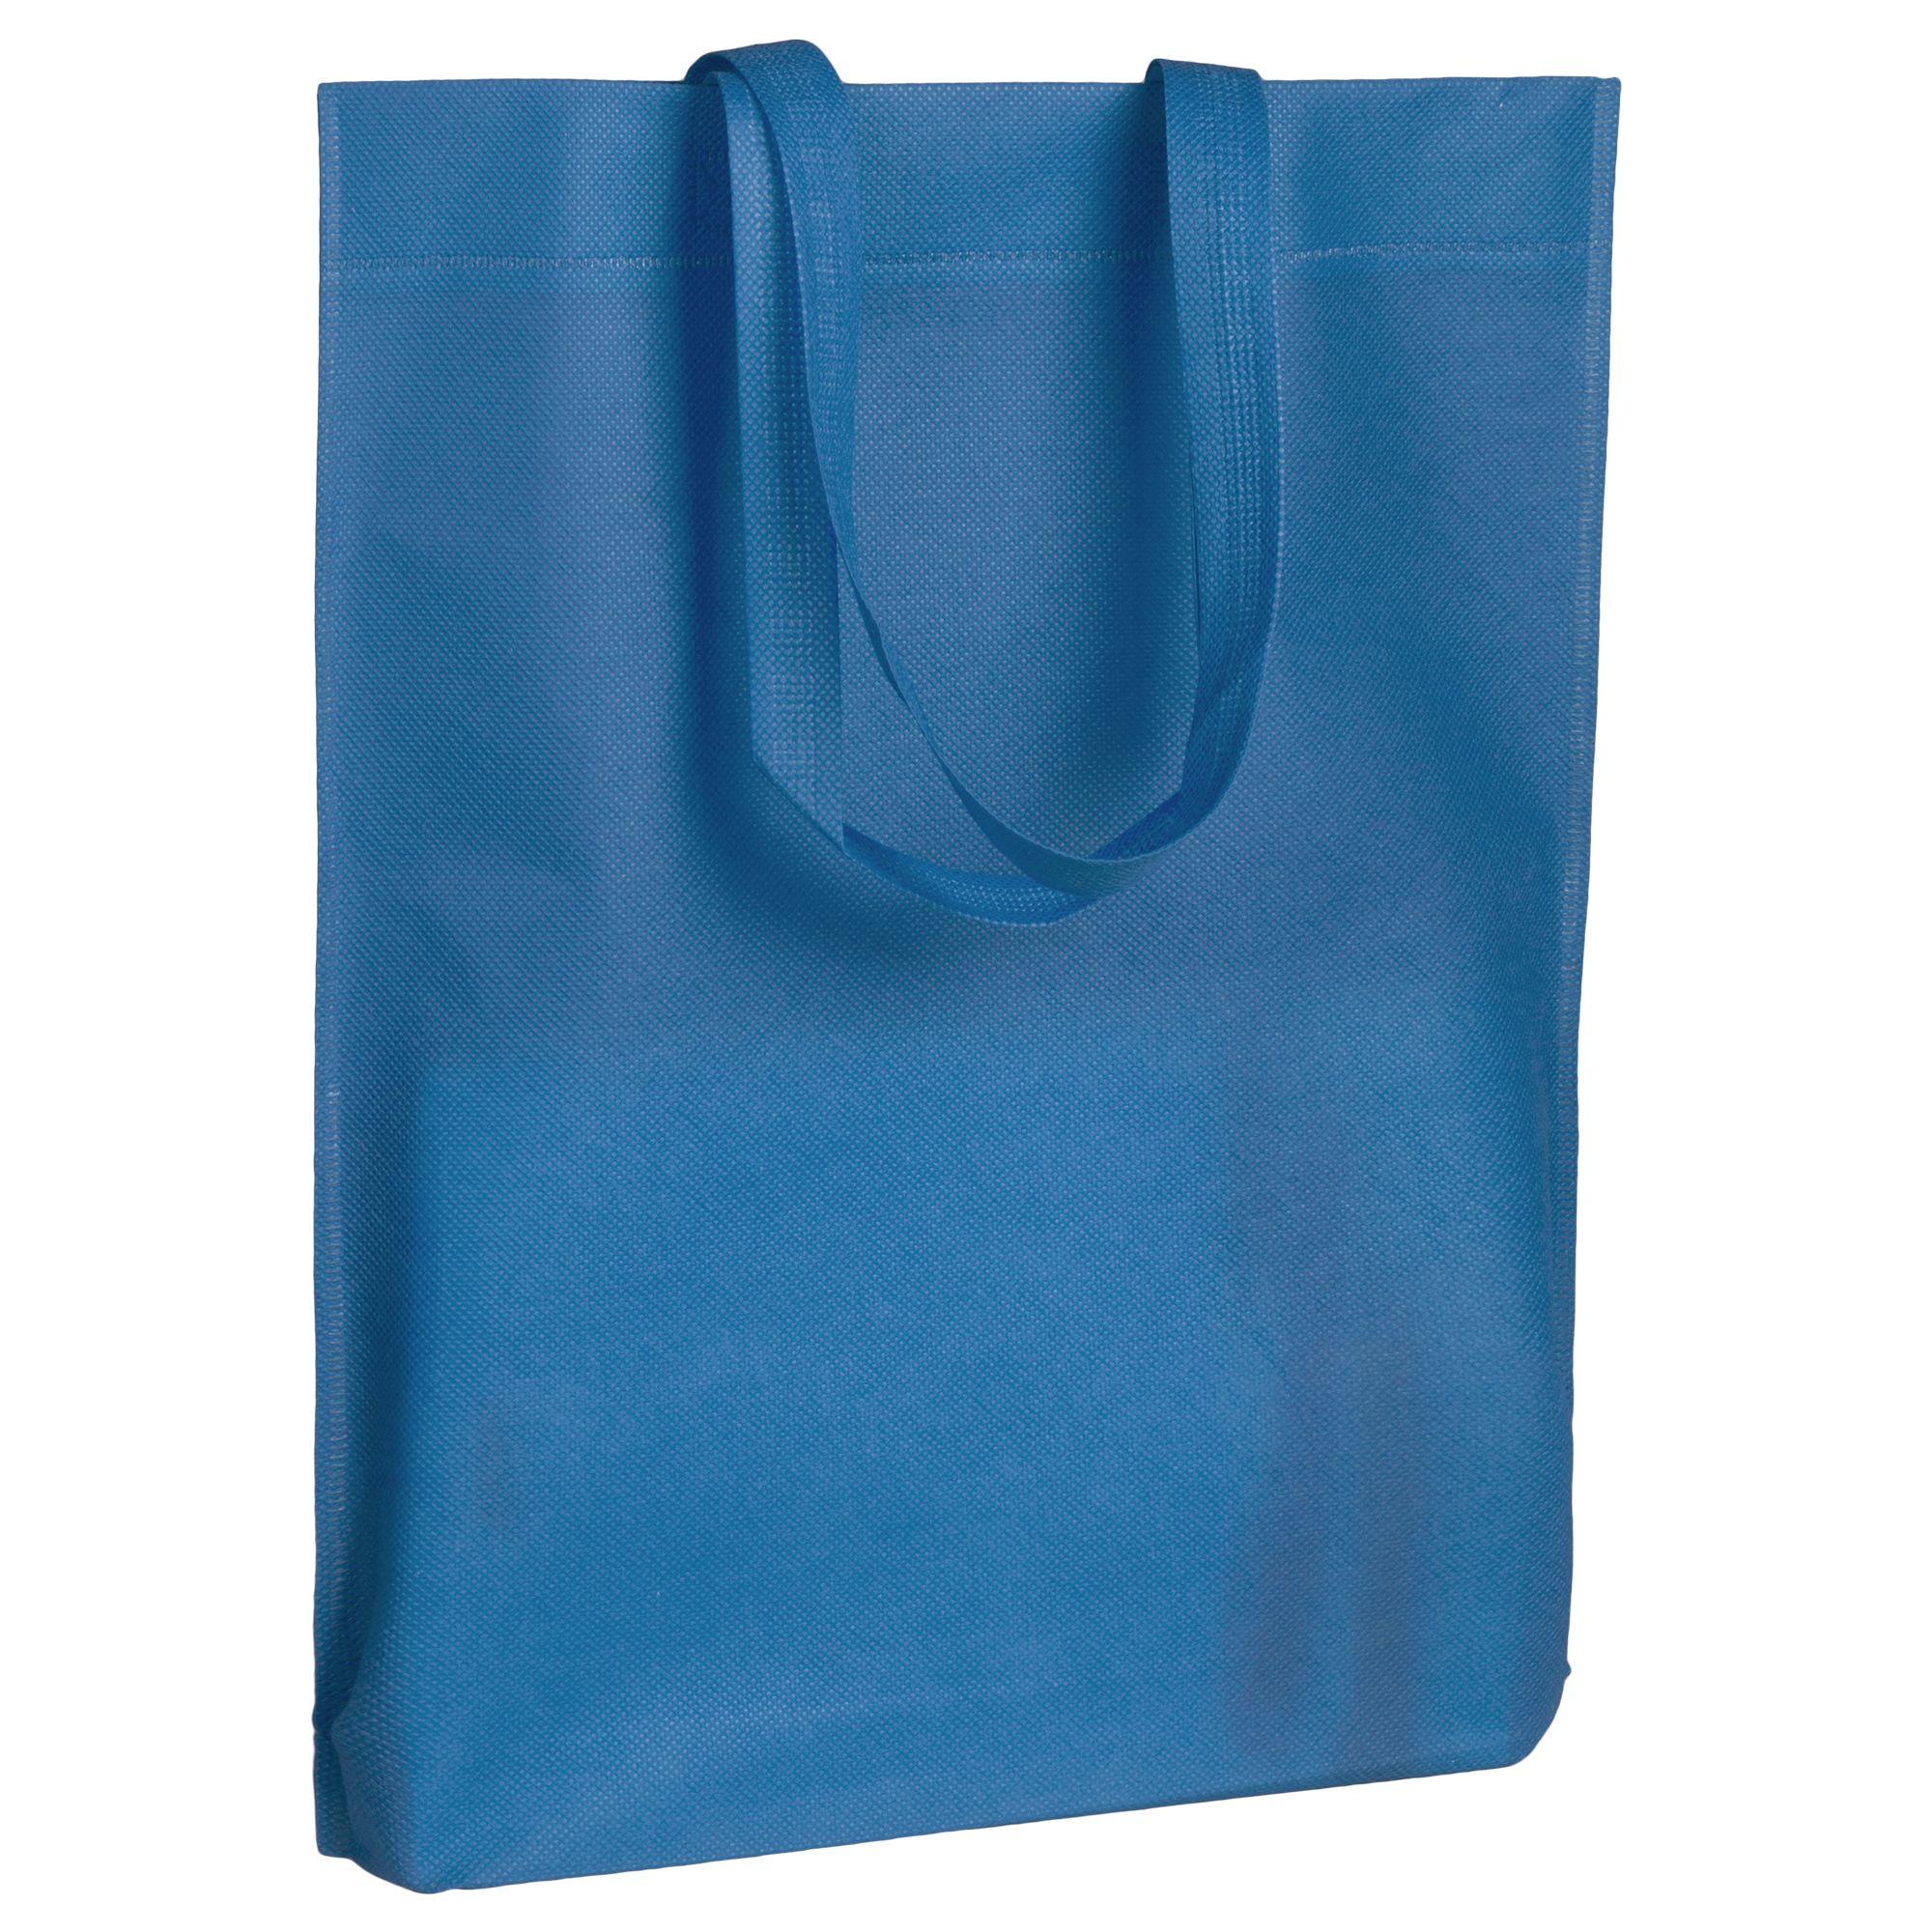 f198892c0063 Сумка для покупок Span 70, синяя